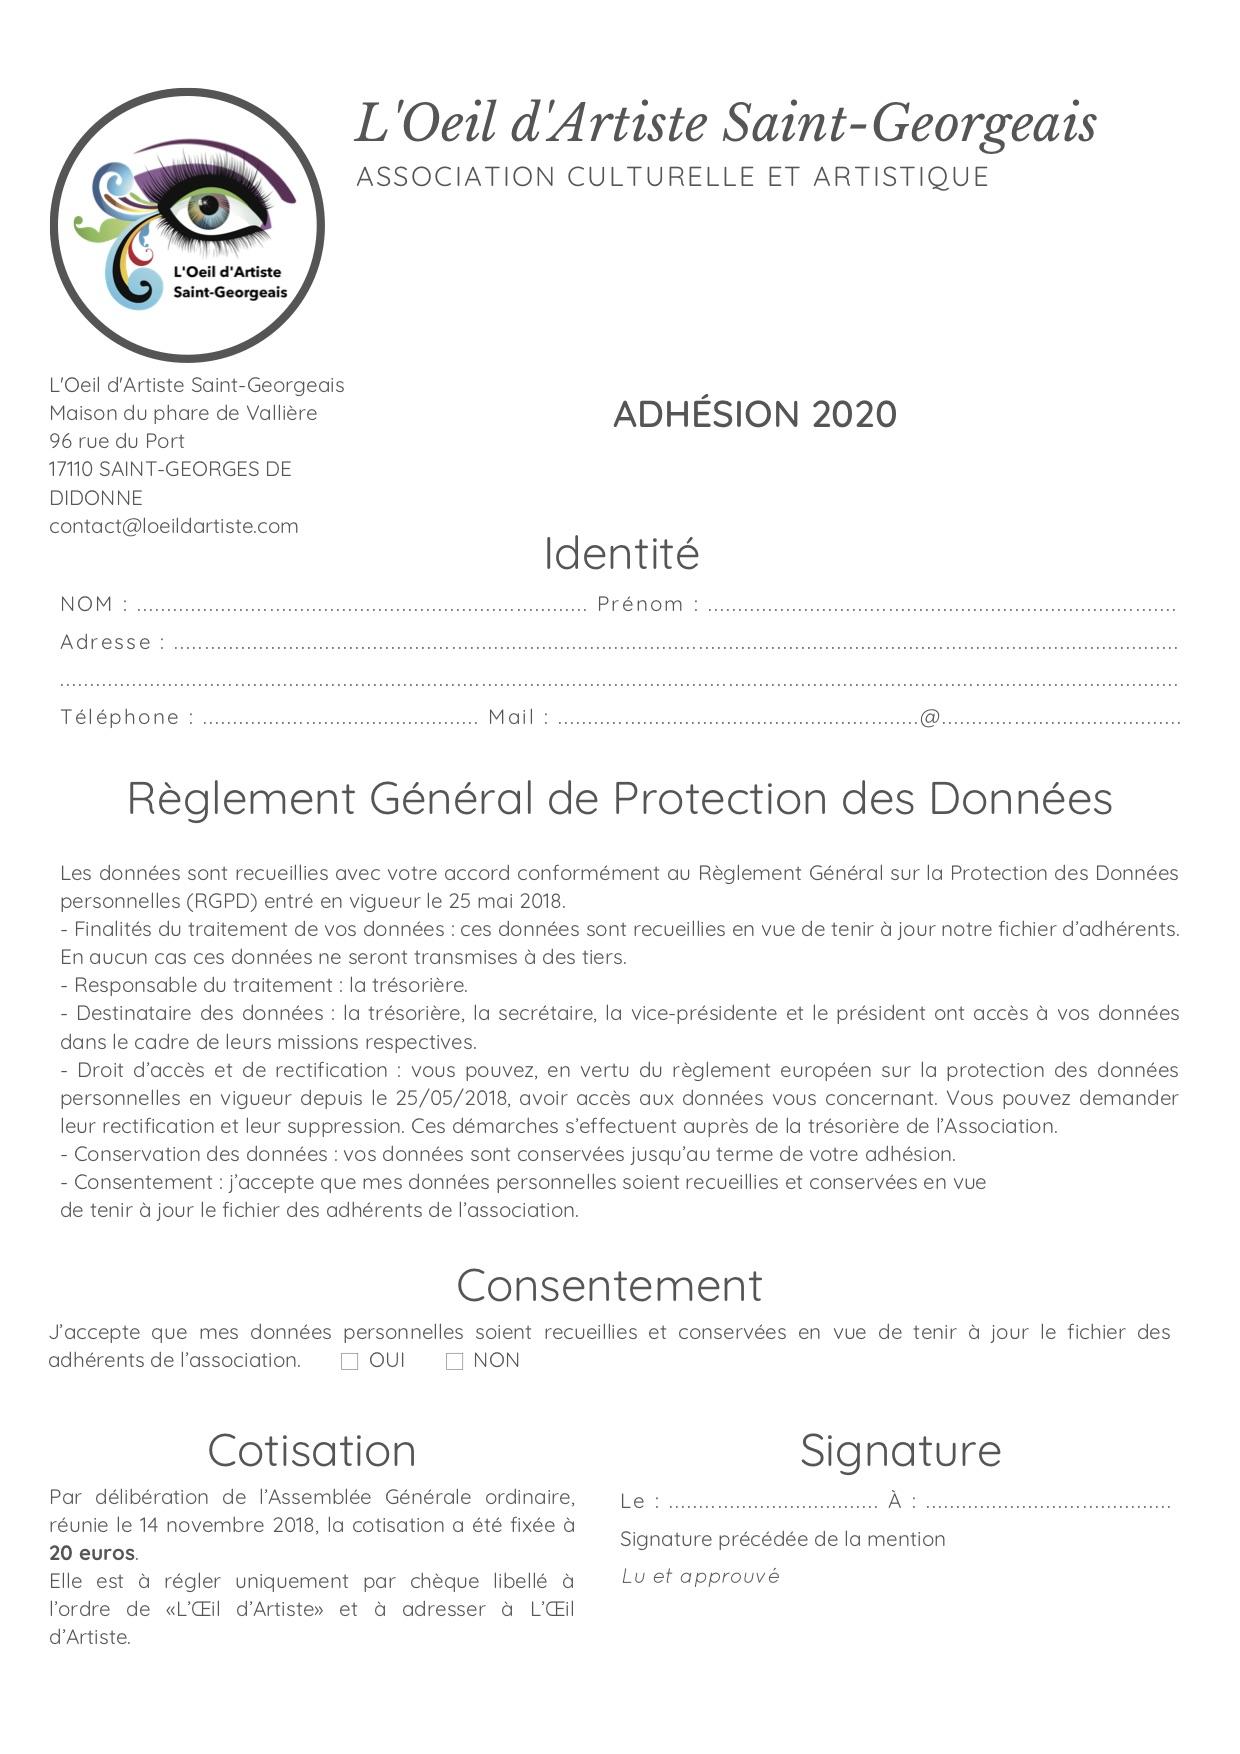 Formulaire d'adhésion 2020 - L'Oeil d'Artiste